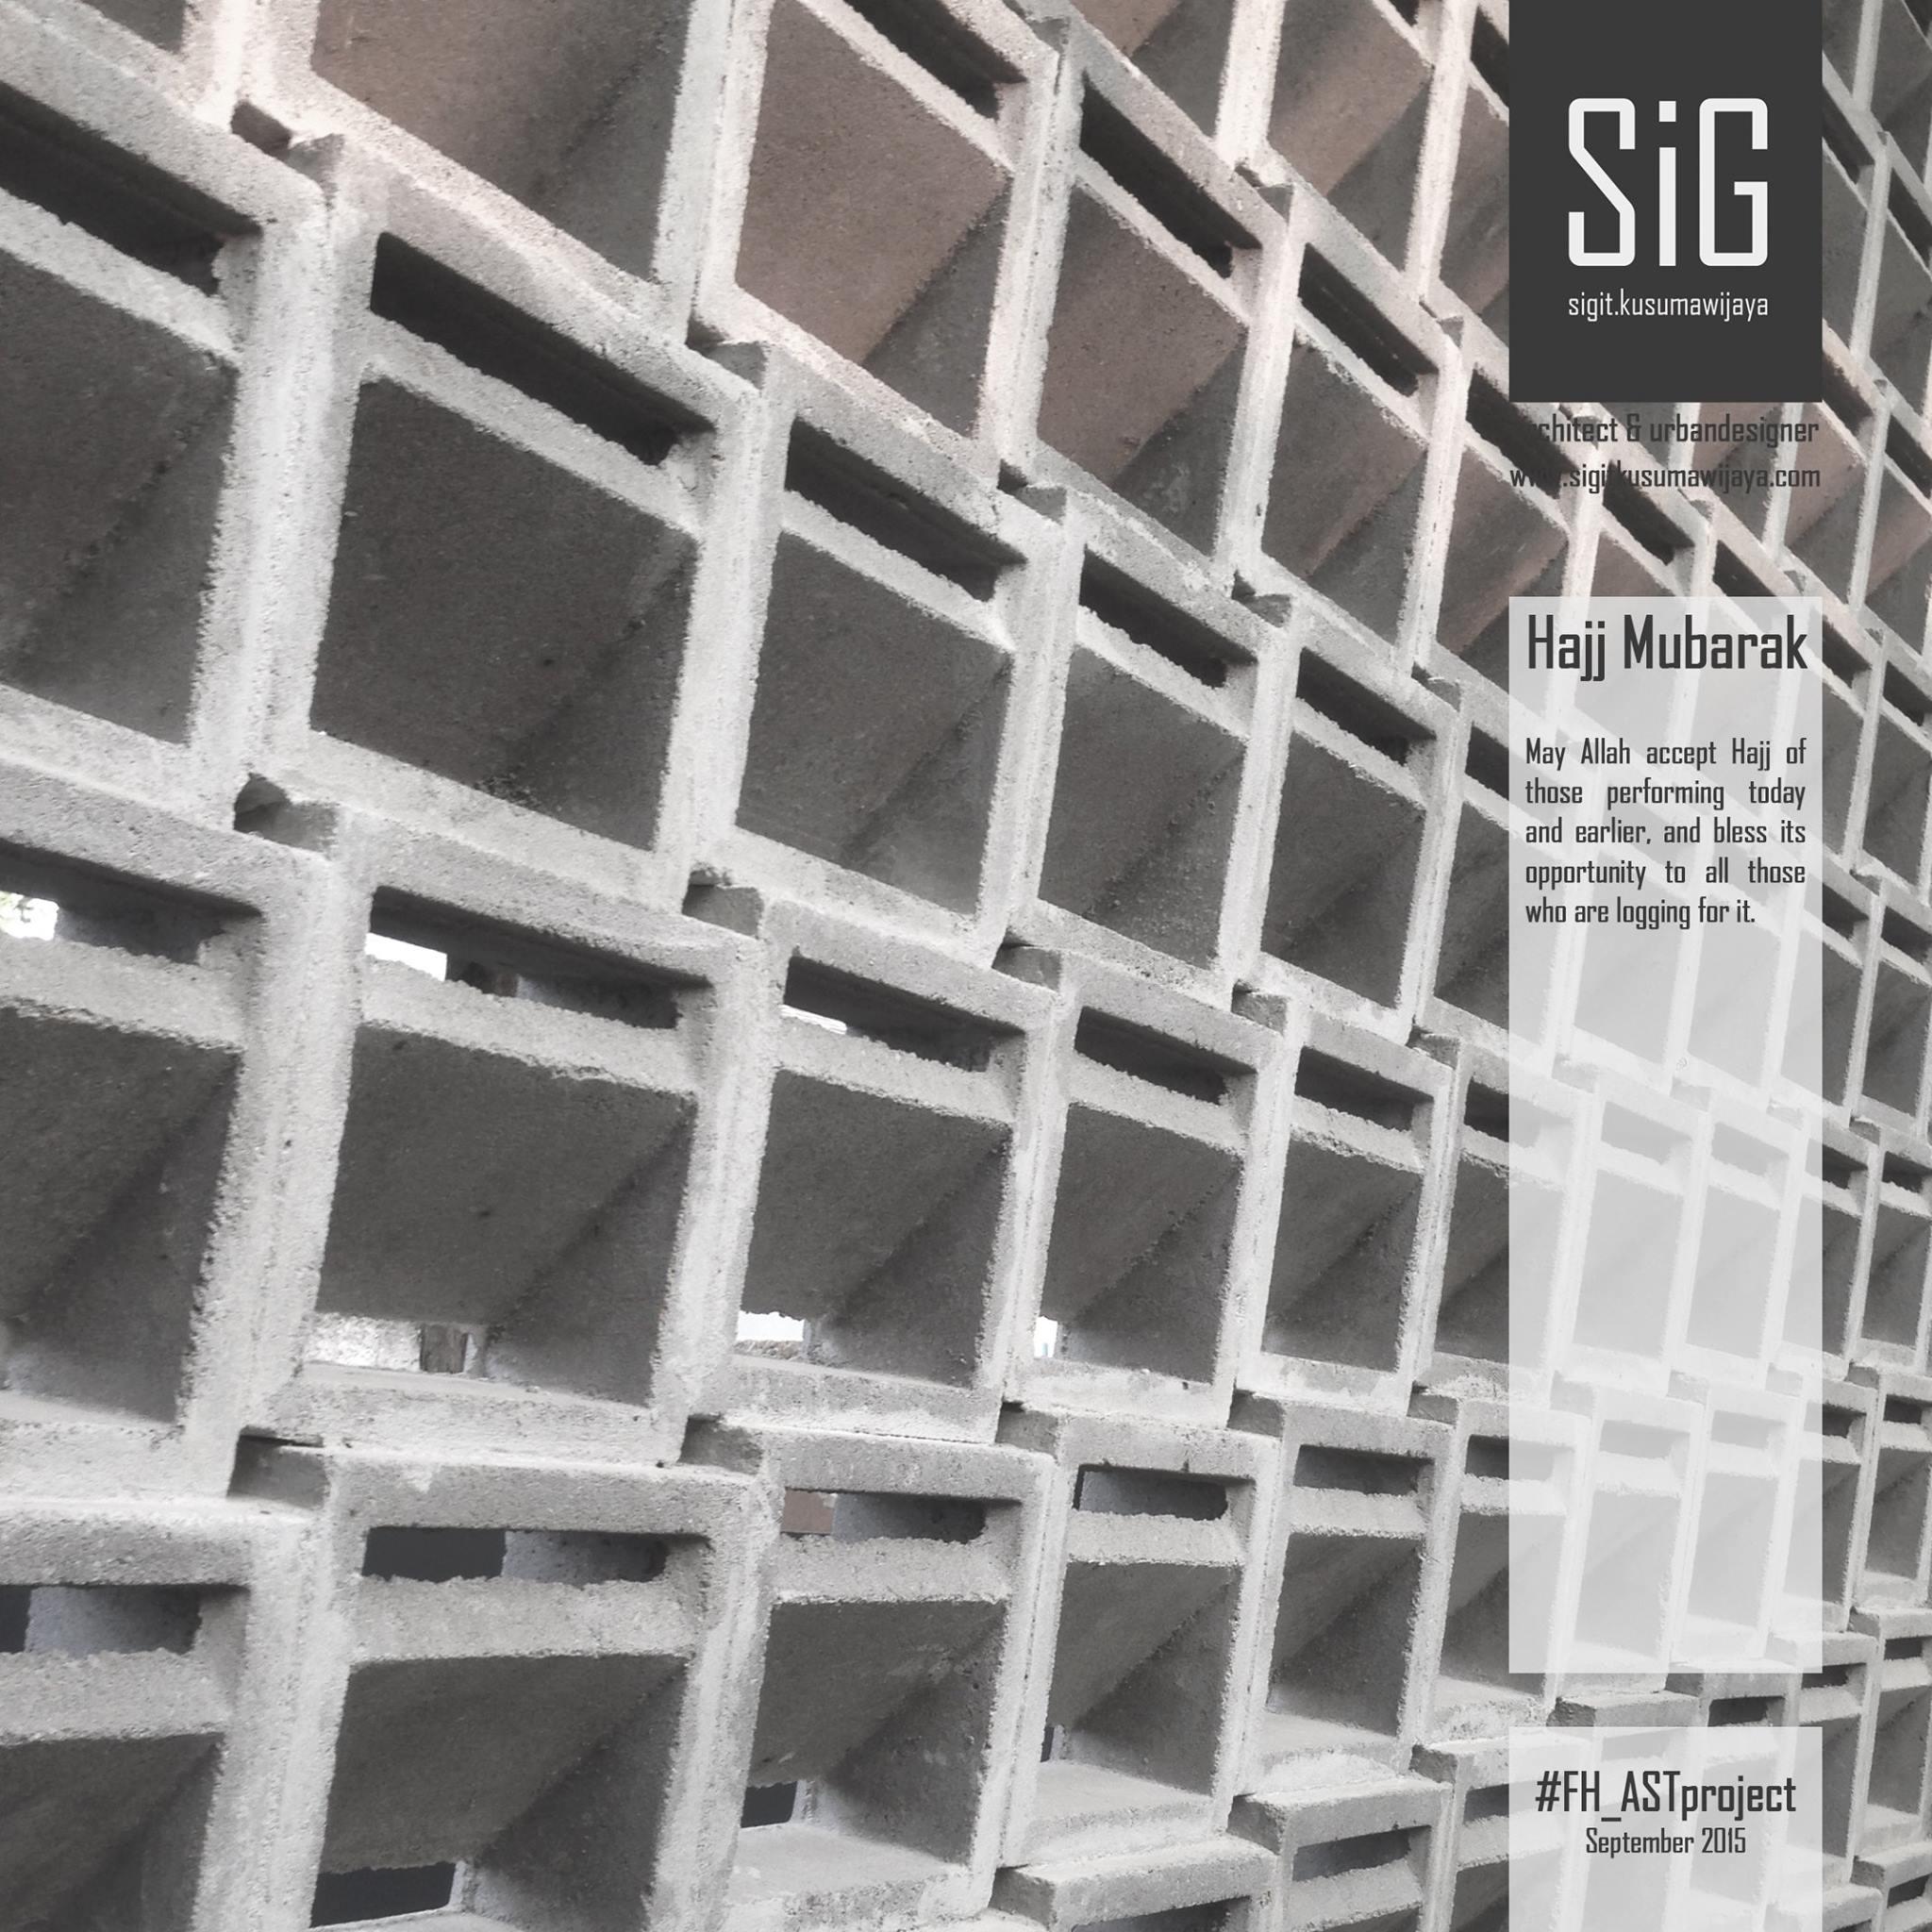 20150924 - SIG - Hajj Mubarak 2015 - #FH_ASTproject (small)